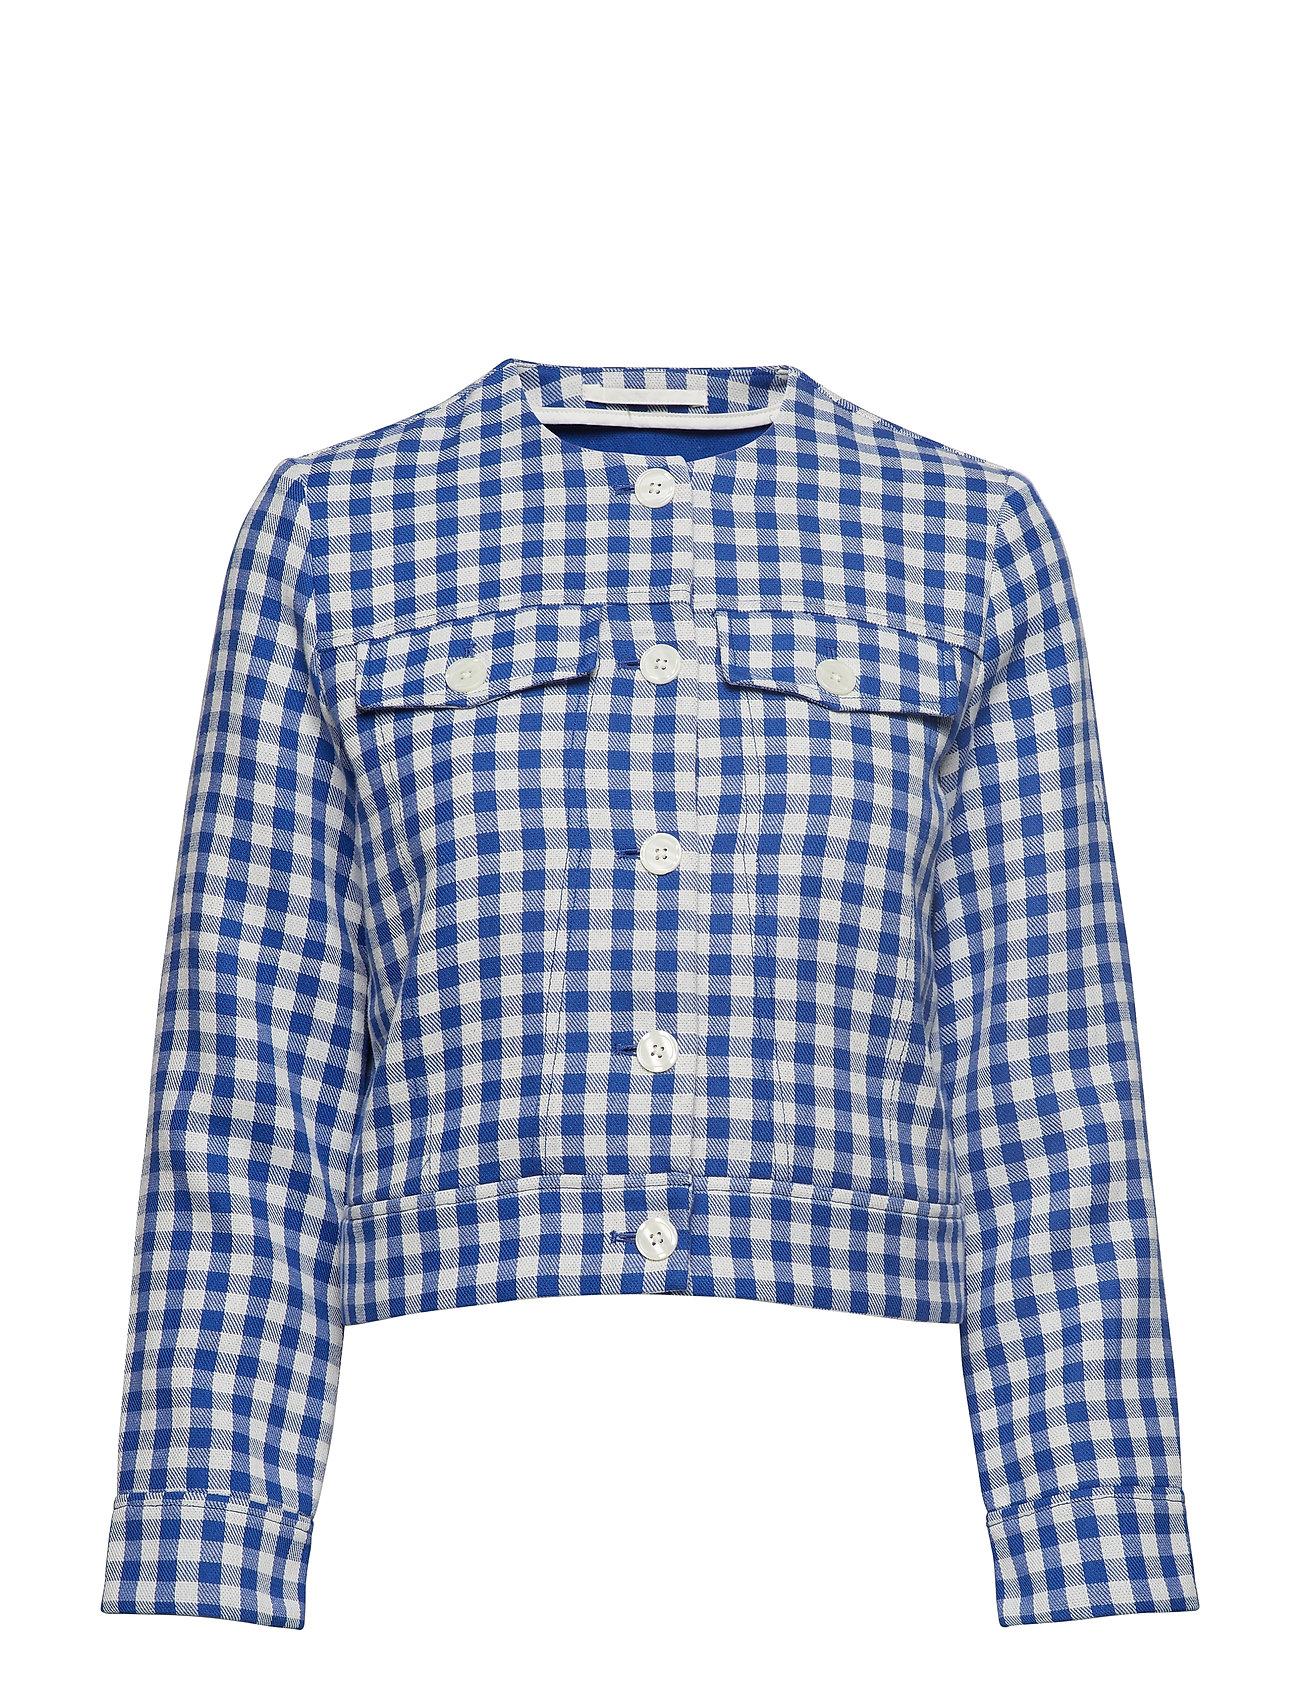 Samsøe & Samsøe Jiang jacket 10891 - BLU CUBETTO